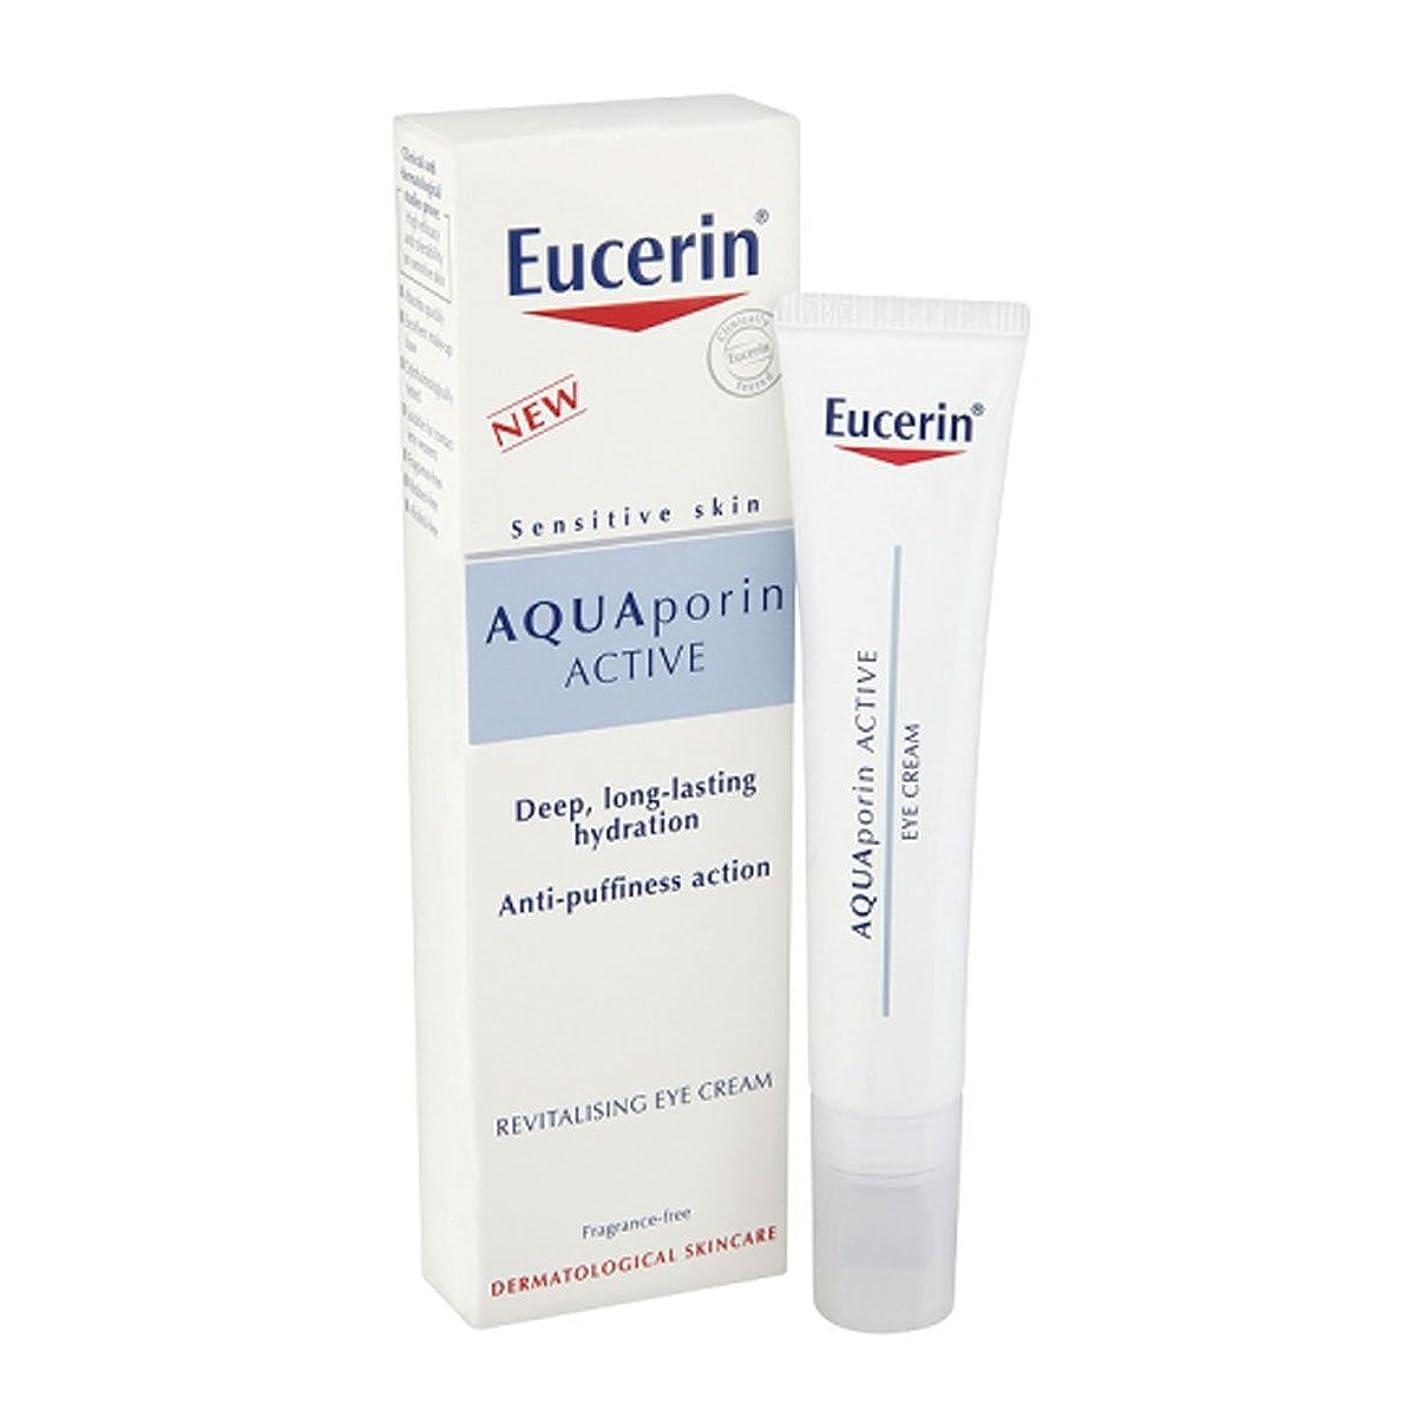 雪の夕暮れ夕方Eucerin Aquaporin Eye Care 15ml [並行輸入品]